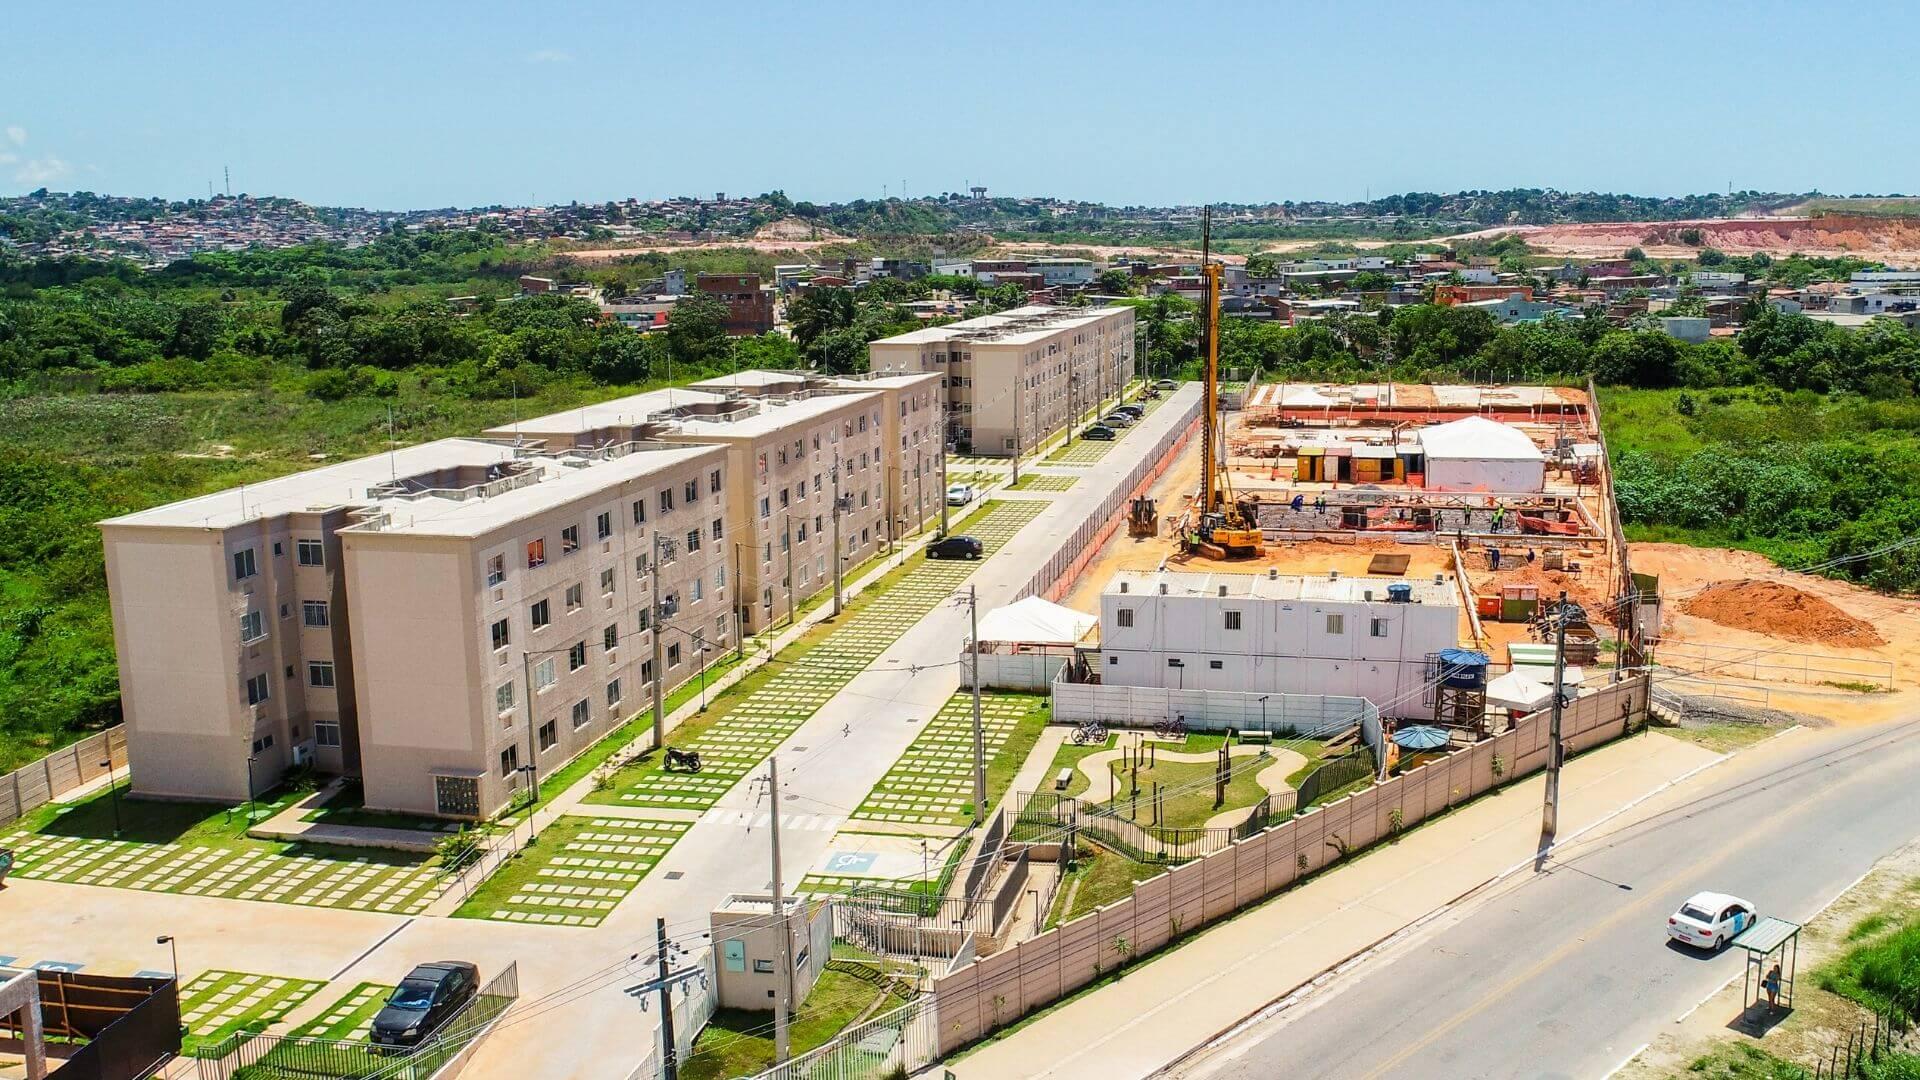 Planta de apartamento em Residencial Novo Atlântico Condominio Abrolhos   Jaboatão dos Guararapes   PE   planta 1   tenda.com